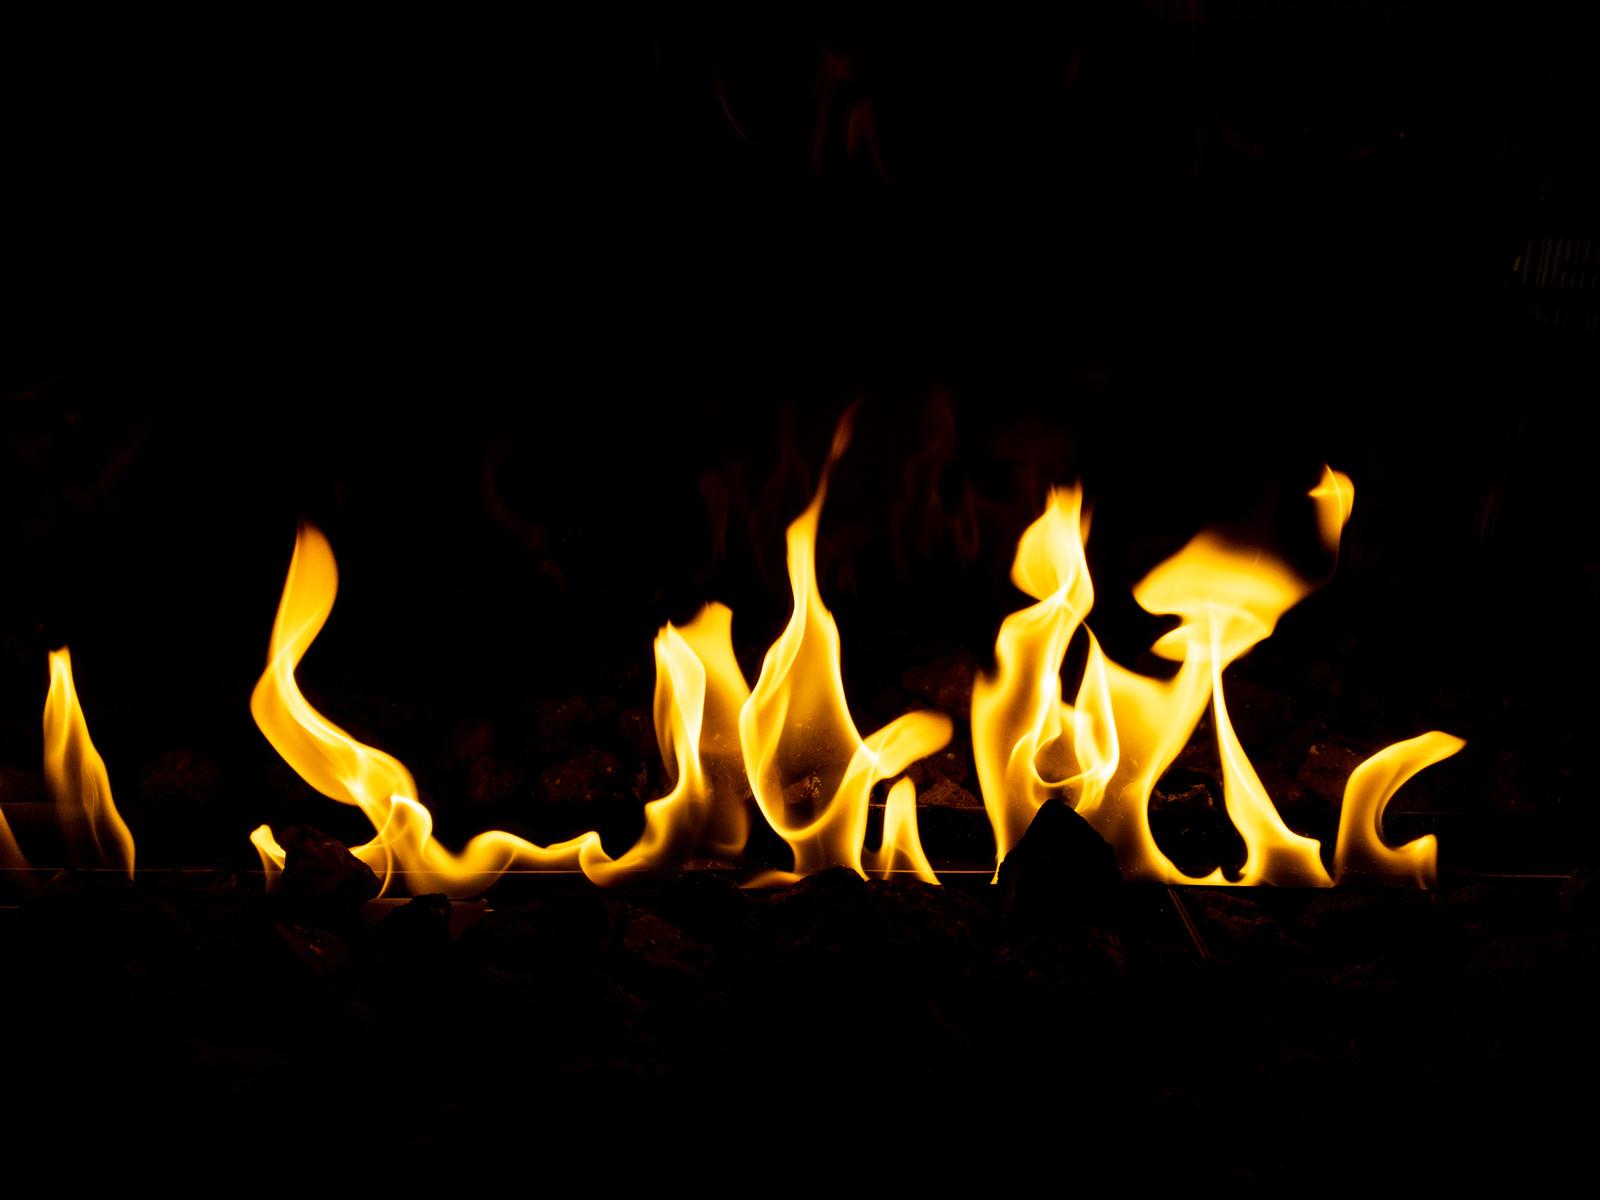 「メラメラと炎が立つ」の写真